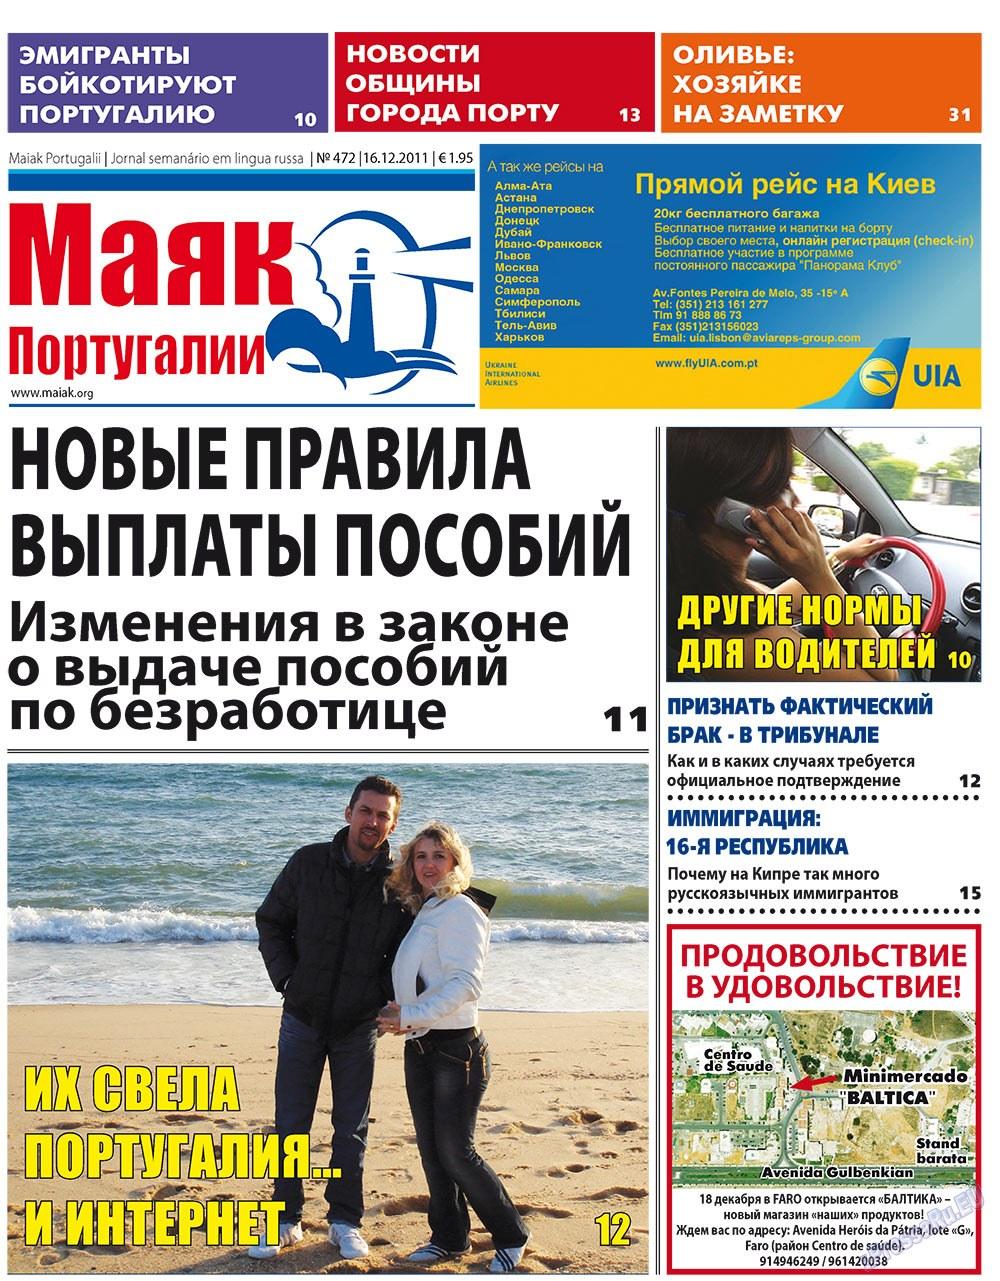 Маяк Португалии (газета). 2011 год, номер 472, стр. 1